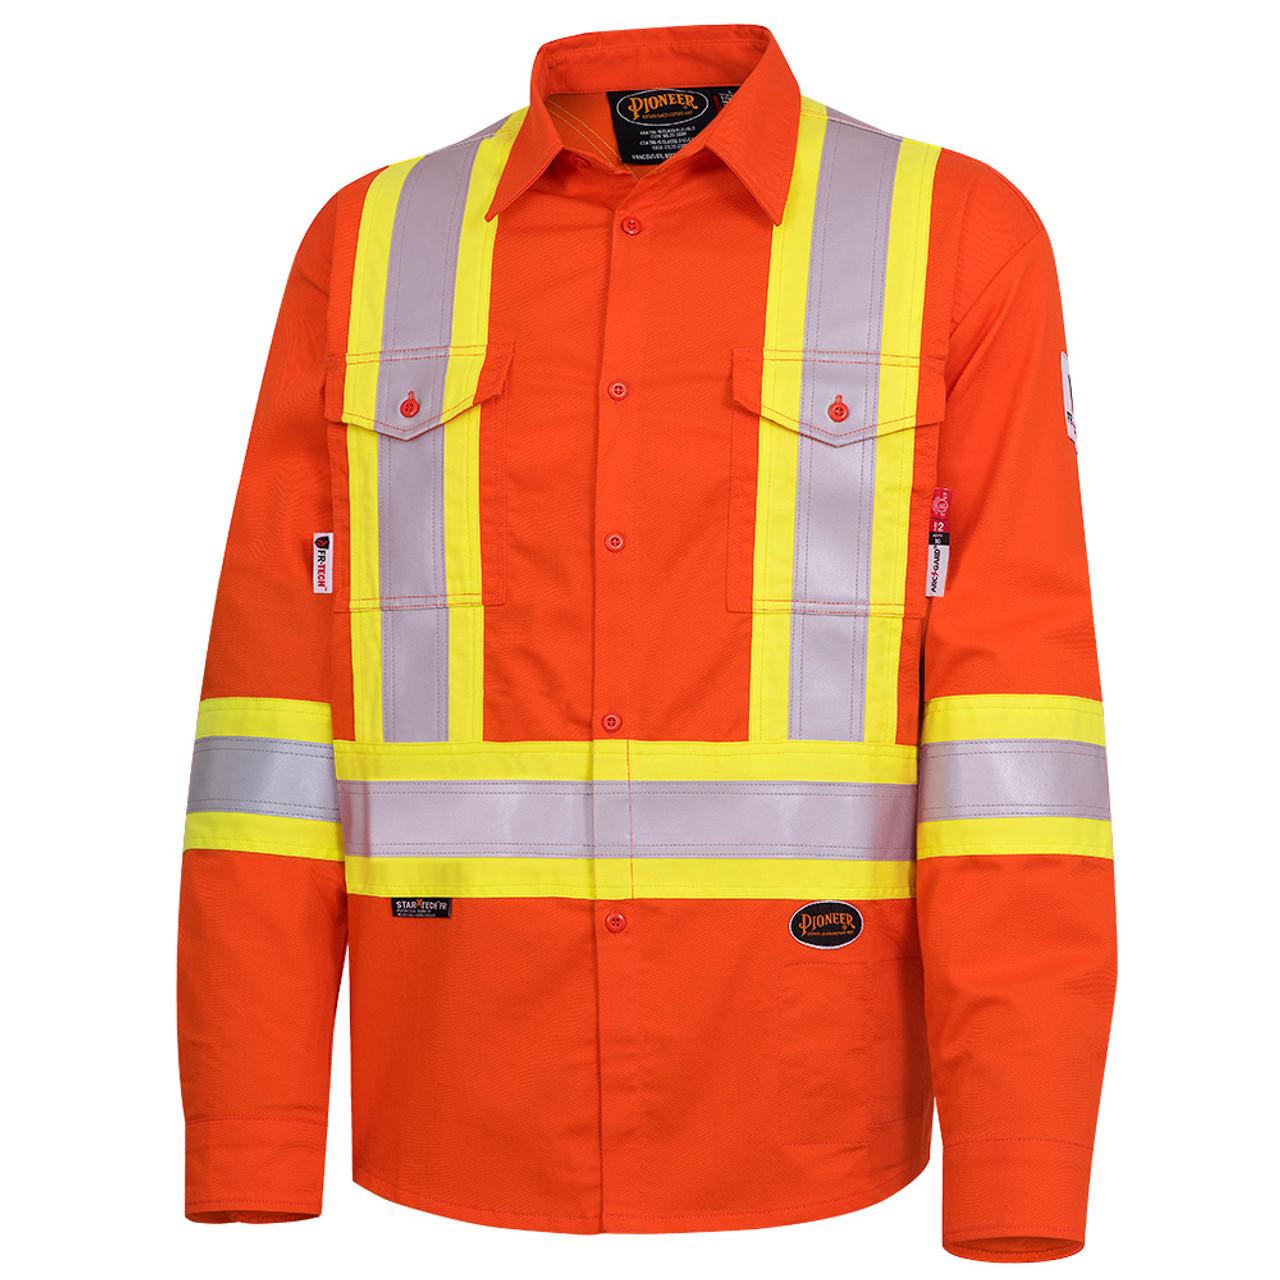 be5f7ce7bfce 7743 FR-Tech® Flame Resistant 7 oz Hi-Viz Safety Shirt - SafetyWear.ca